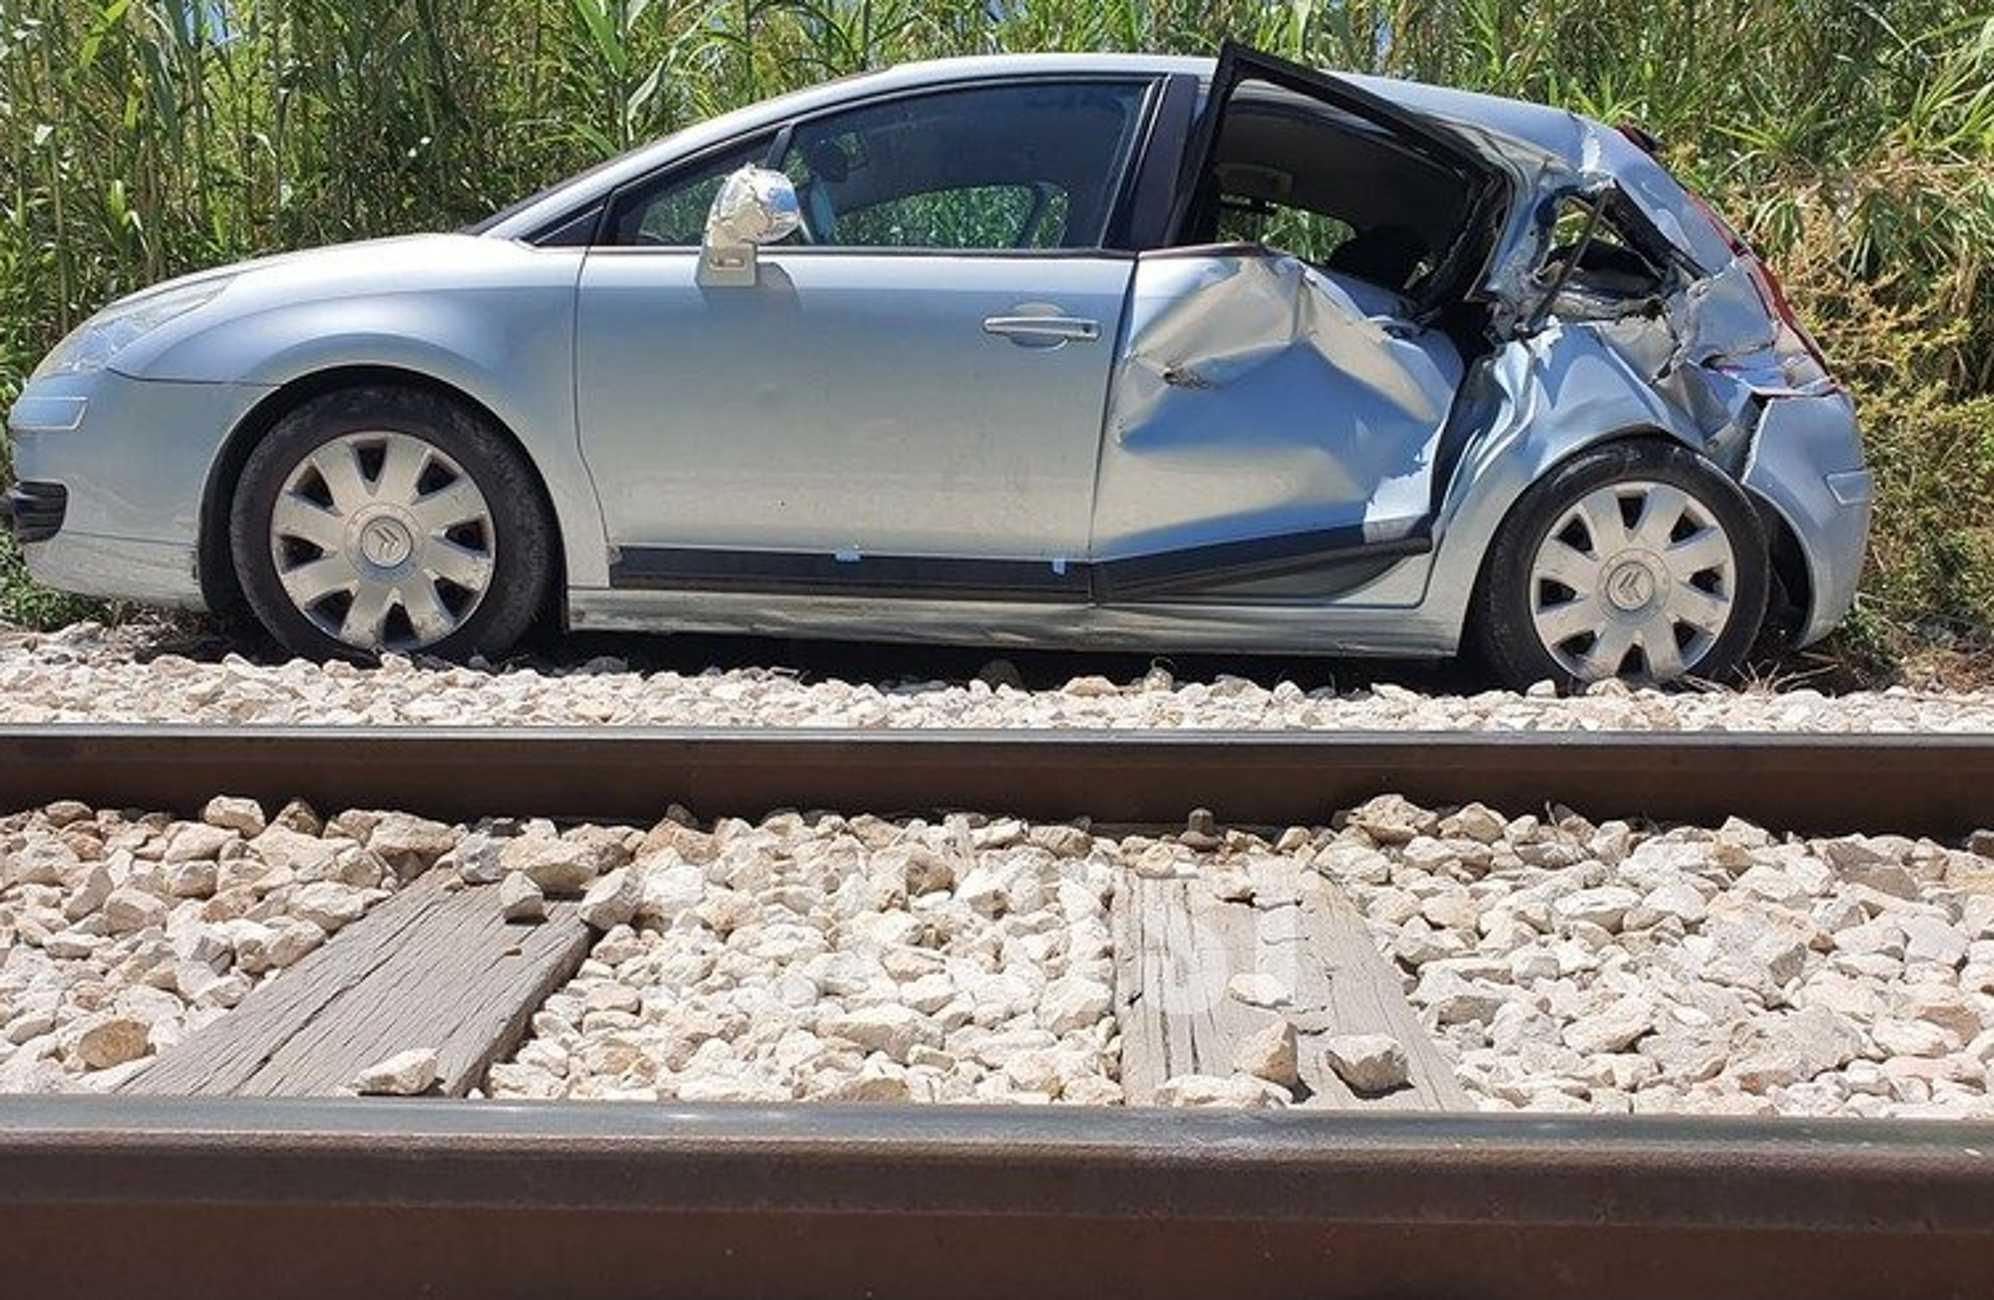 Πάτρα: Τροχαίο στις ράγες του Προαστιακού – Αυτοκίνητο βγήκε ανάποδα από πάρκινγκ